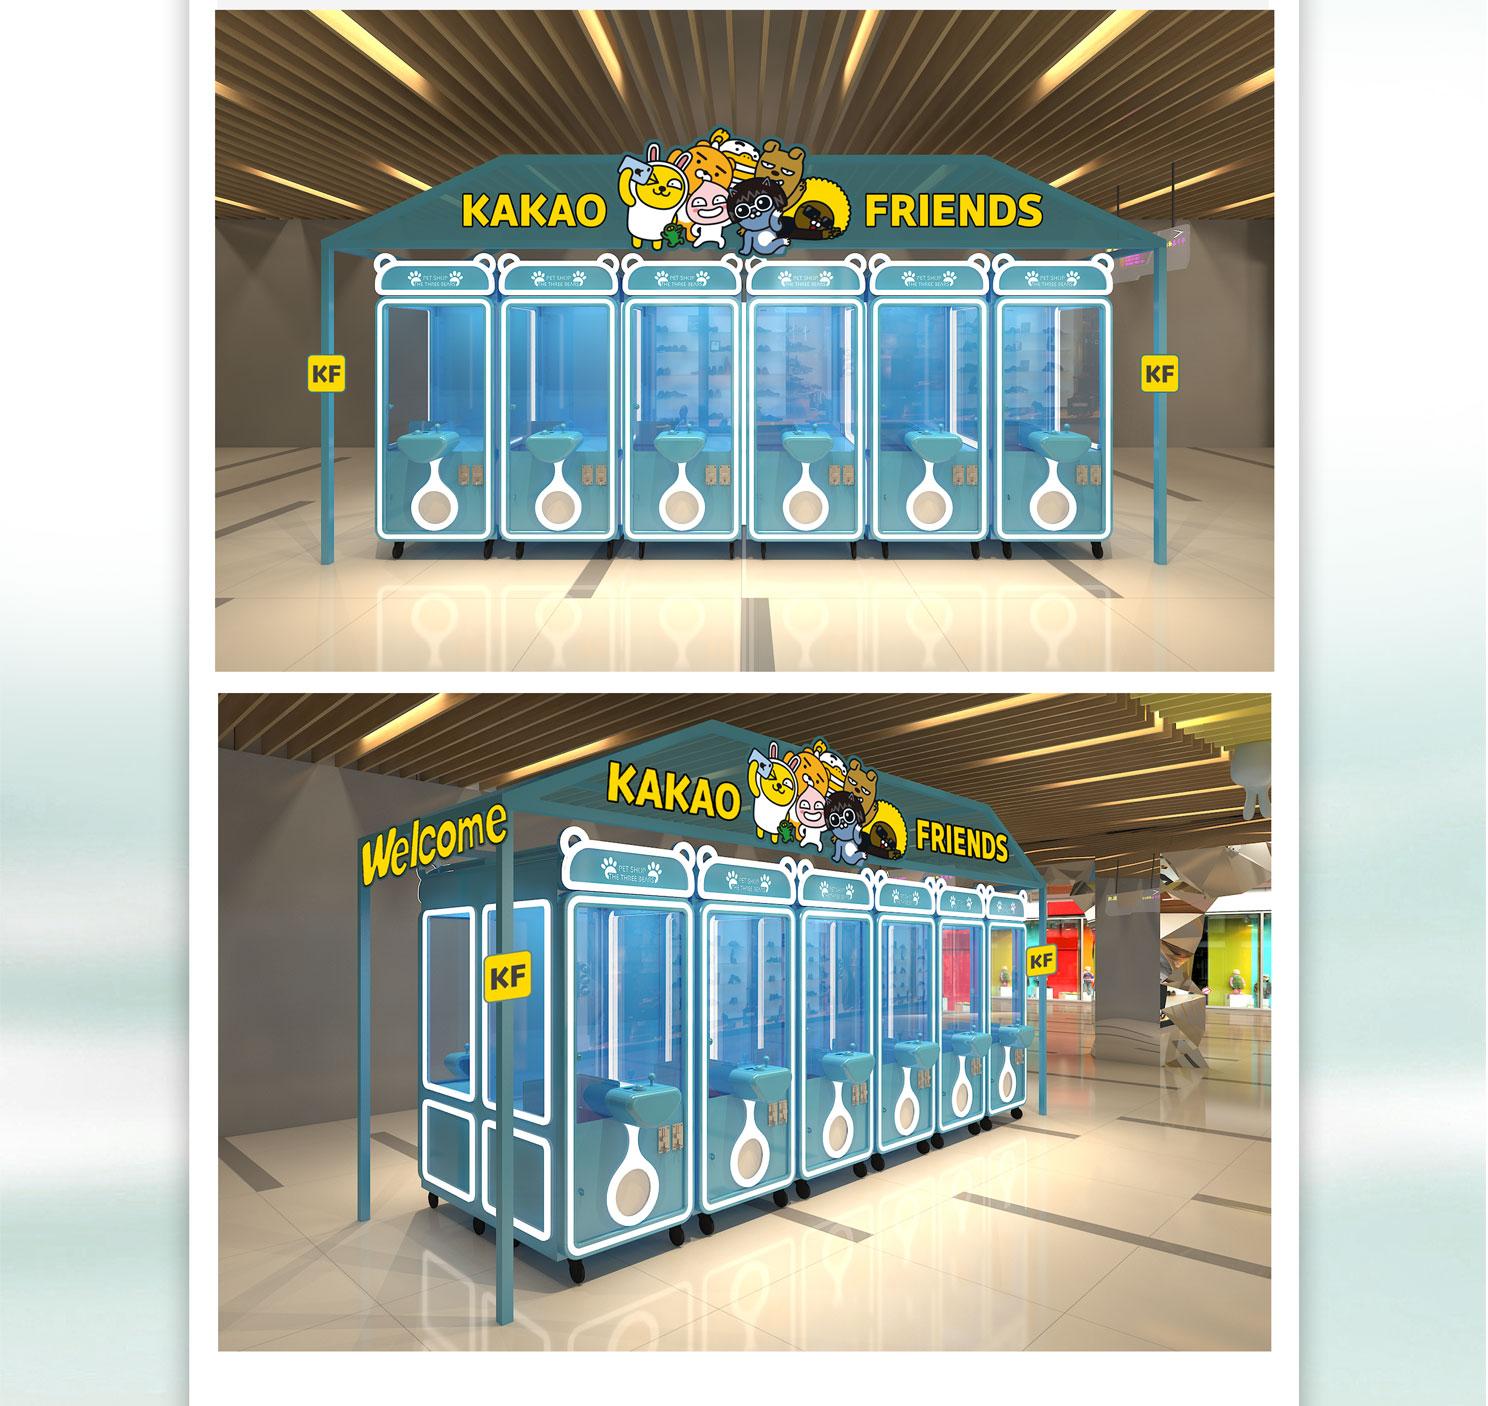 网站娃娃机租赁详情终板_02.jpg